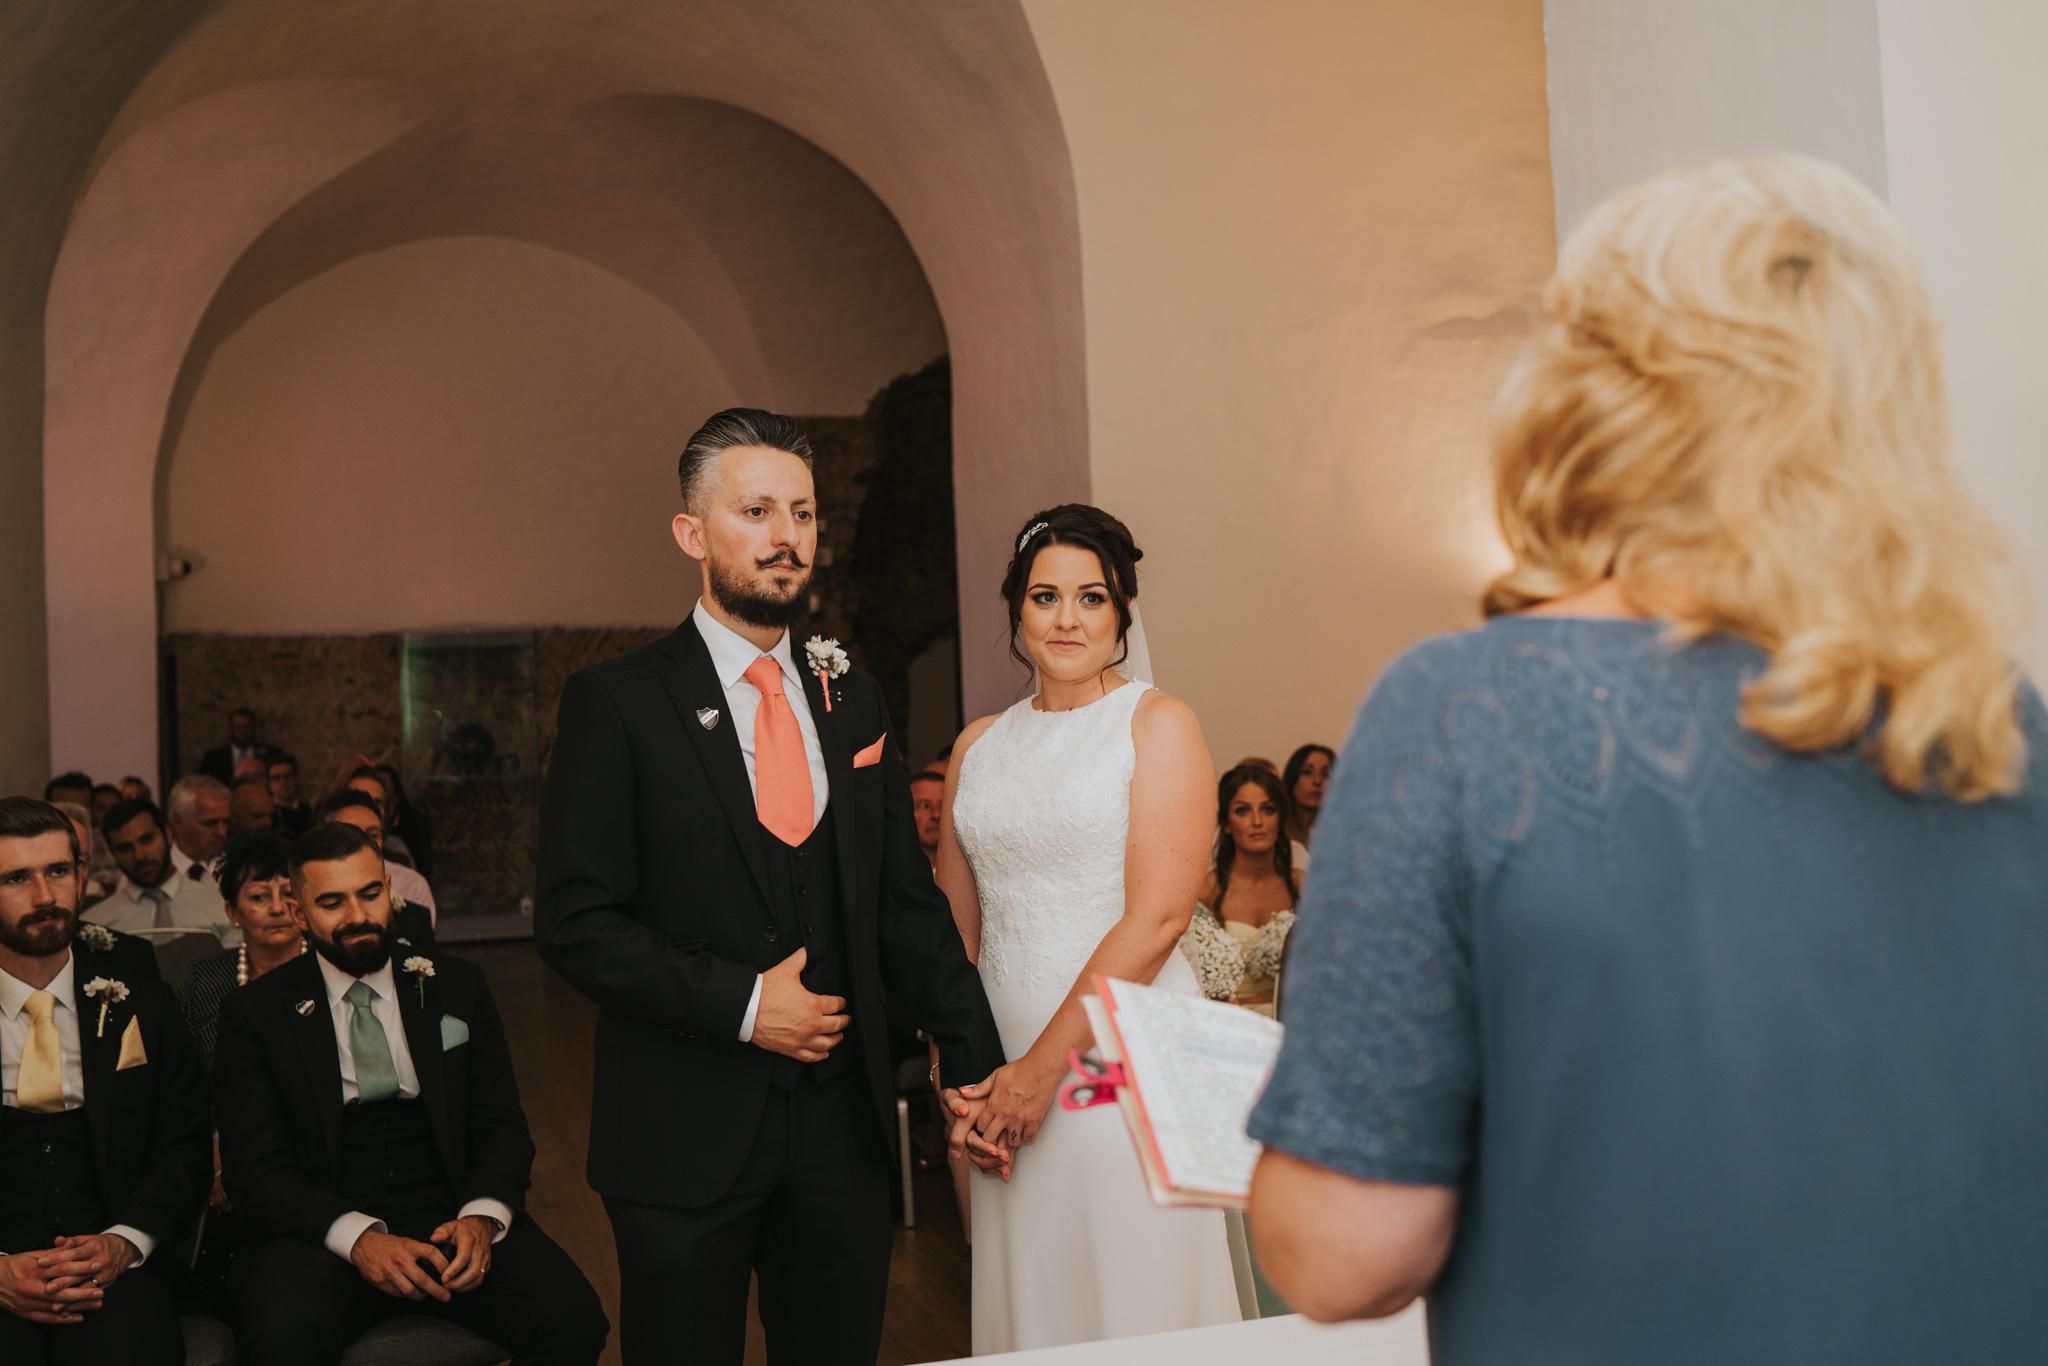 Joe-Tiffany-Colchester-Castle-Wedding-Essex-Grace-Elizabeth-Colchester-Essex-Alternative-Wedding-Photographer-Suffolk-Norfolk-Devon (50 of 122).jpg